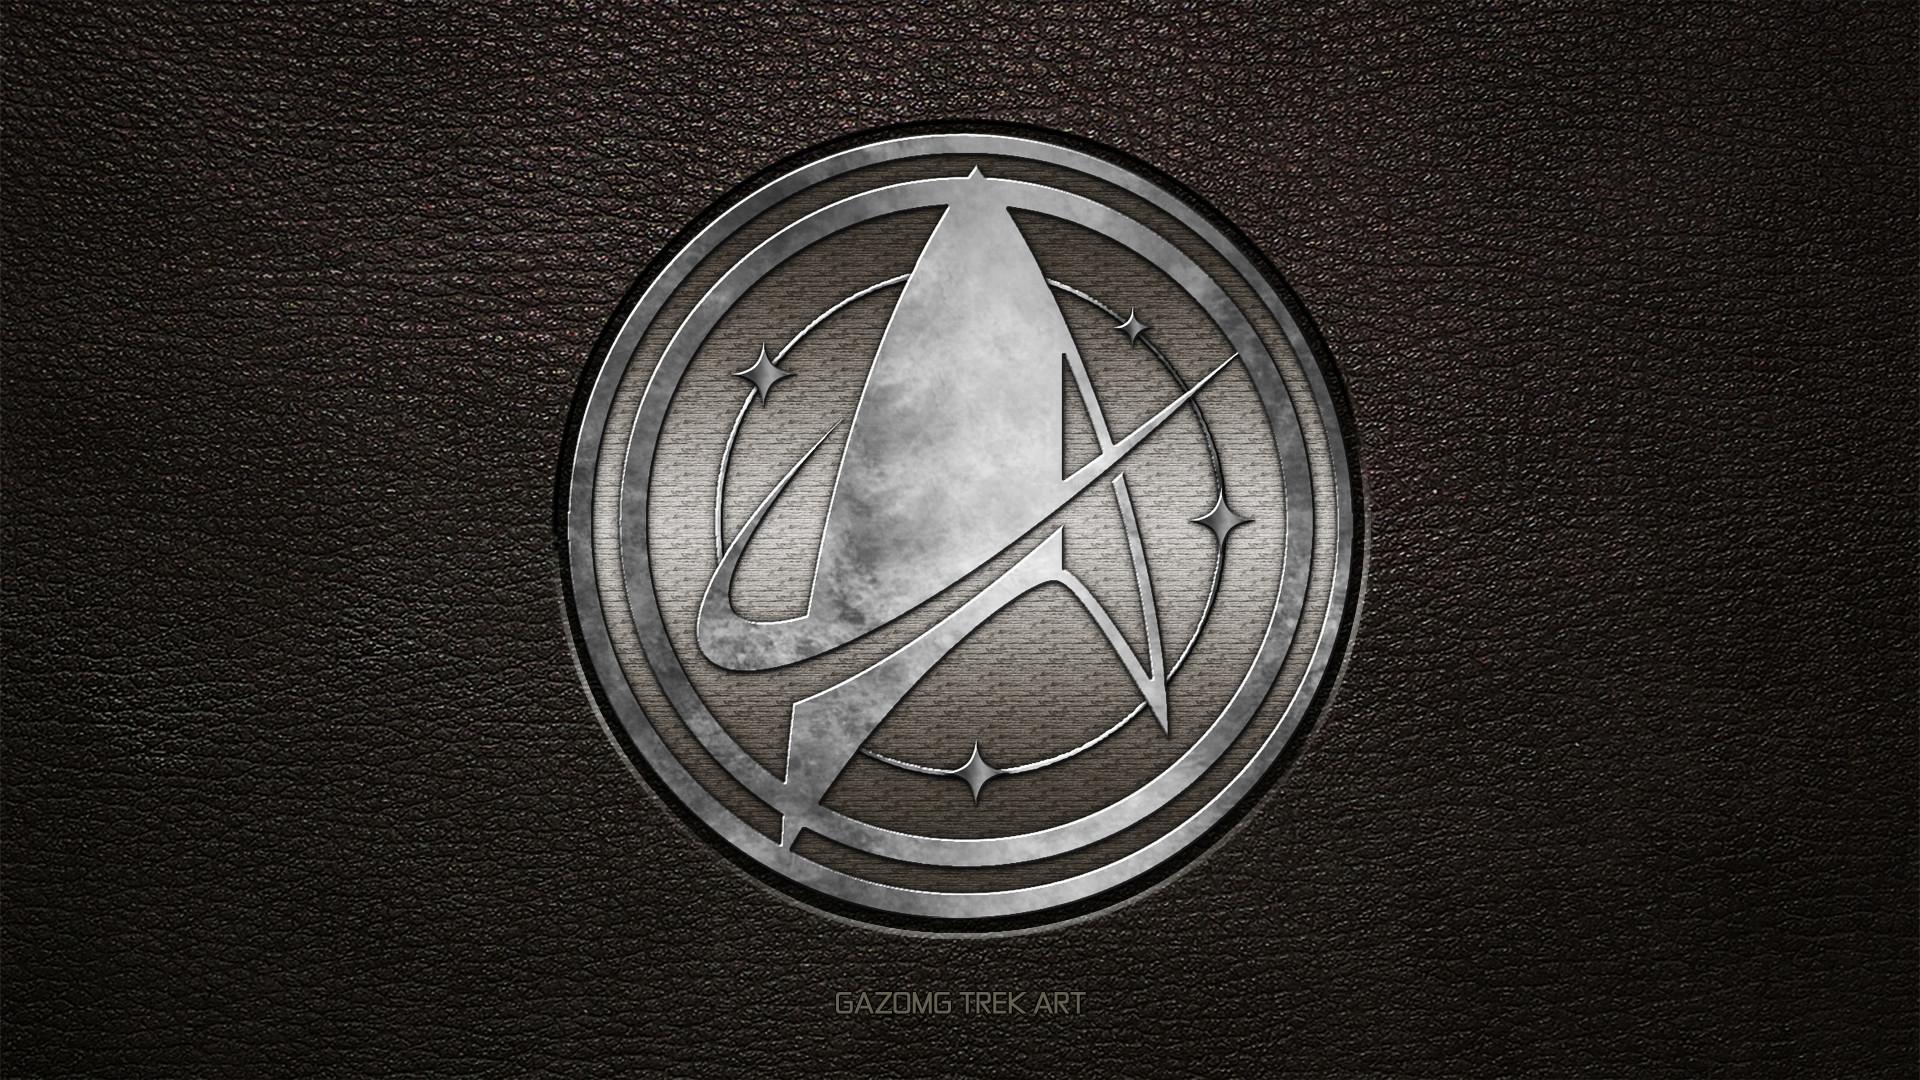 … Star Trek USS Discovery Logo by gazomg